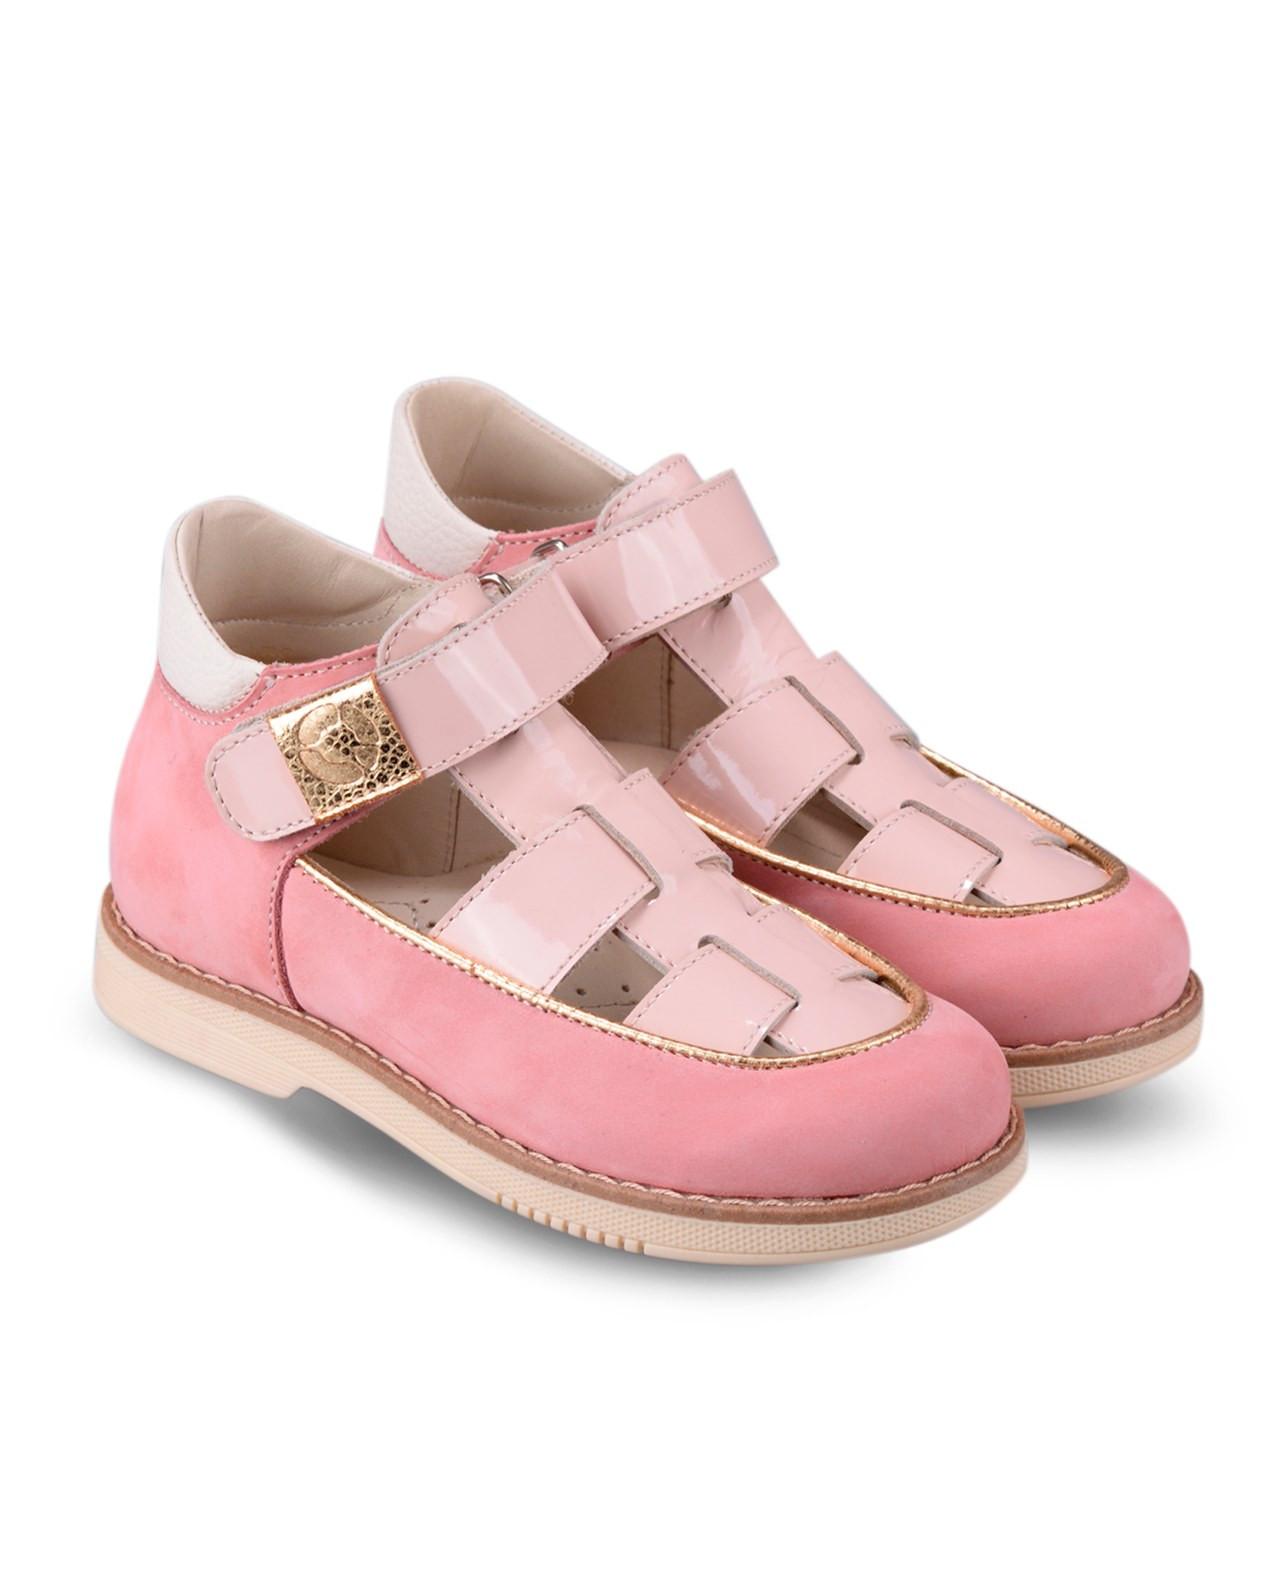 Туфли Детские, Tapiboo Карамель (43143, 26 )Туфли<br>Туфли для ежедневной профилактики плоскостопия. <br>Идеальны как сменная обувь в детский сад <br>и начальную школу. Широкий, устойчивый каблук, <br>специальной конфигурации «каблук Томаса». <br>Каблук продлен с внутренней стороны до <br>середины стопы, чтобы исключить вращение <br>(заваливание) стопы вовнутрь (пронационный <br>компонент деформации, так называемая косолапость, <br>или вальгусная деформация). Многослойная, <br>анатомическая стелька со сводоподдерживающим <br>элементом для правильного формирования <br>стопы. Благодаря использованию современных <br>внутренних материалов позволяет оптимально <br>распределить нагрузку по всей площади стопы <br>и свести к минимуму ее ударную составляющую. <br>Жесткий фиксирующий задник с удлиненным <br>«крылом» надежно стабилизирует голеностопный <br>сустав во время ходьбы, препятствуя развитию <br>патологических изменений стопы. Упругая, <br>умеренно-эластичная подошва, имеющая перекат <br>позволяющий повторить естественное движение <br>стопы при ходьбе для правильного распределения <br>нагрузки на опорно-двигательный аппарат <br>ребенка. Подкладка из кож<br>Размер INT: M; Цвет: Красный; Ширина: 100; Высота: 200; Вес: 1000;